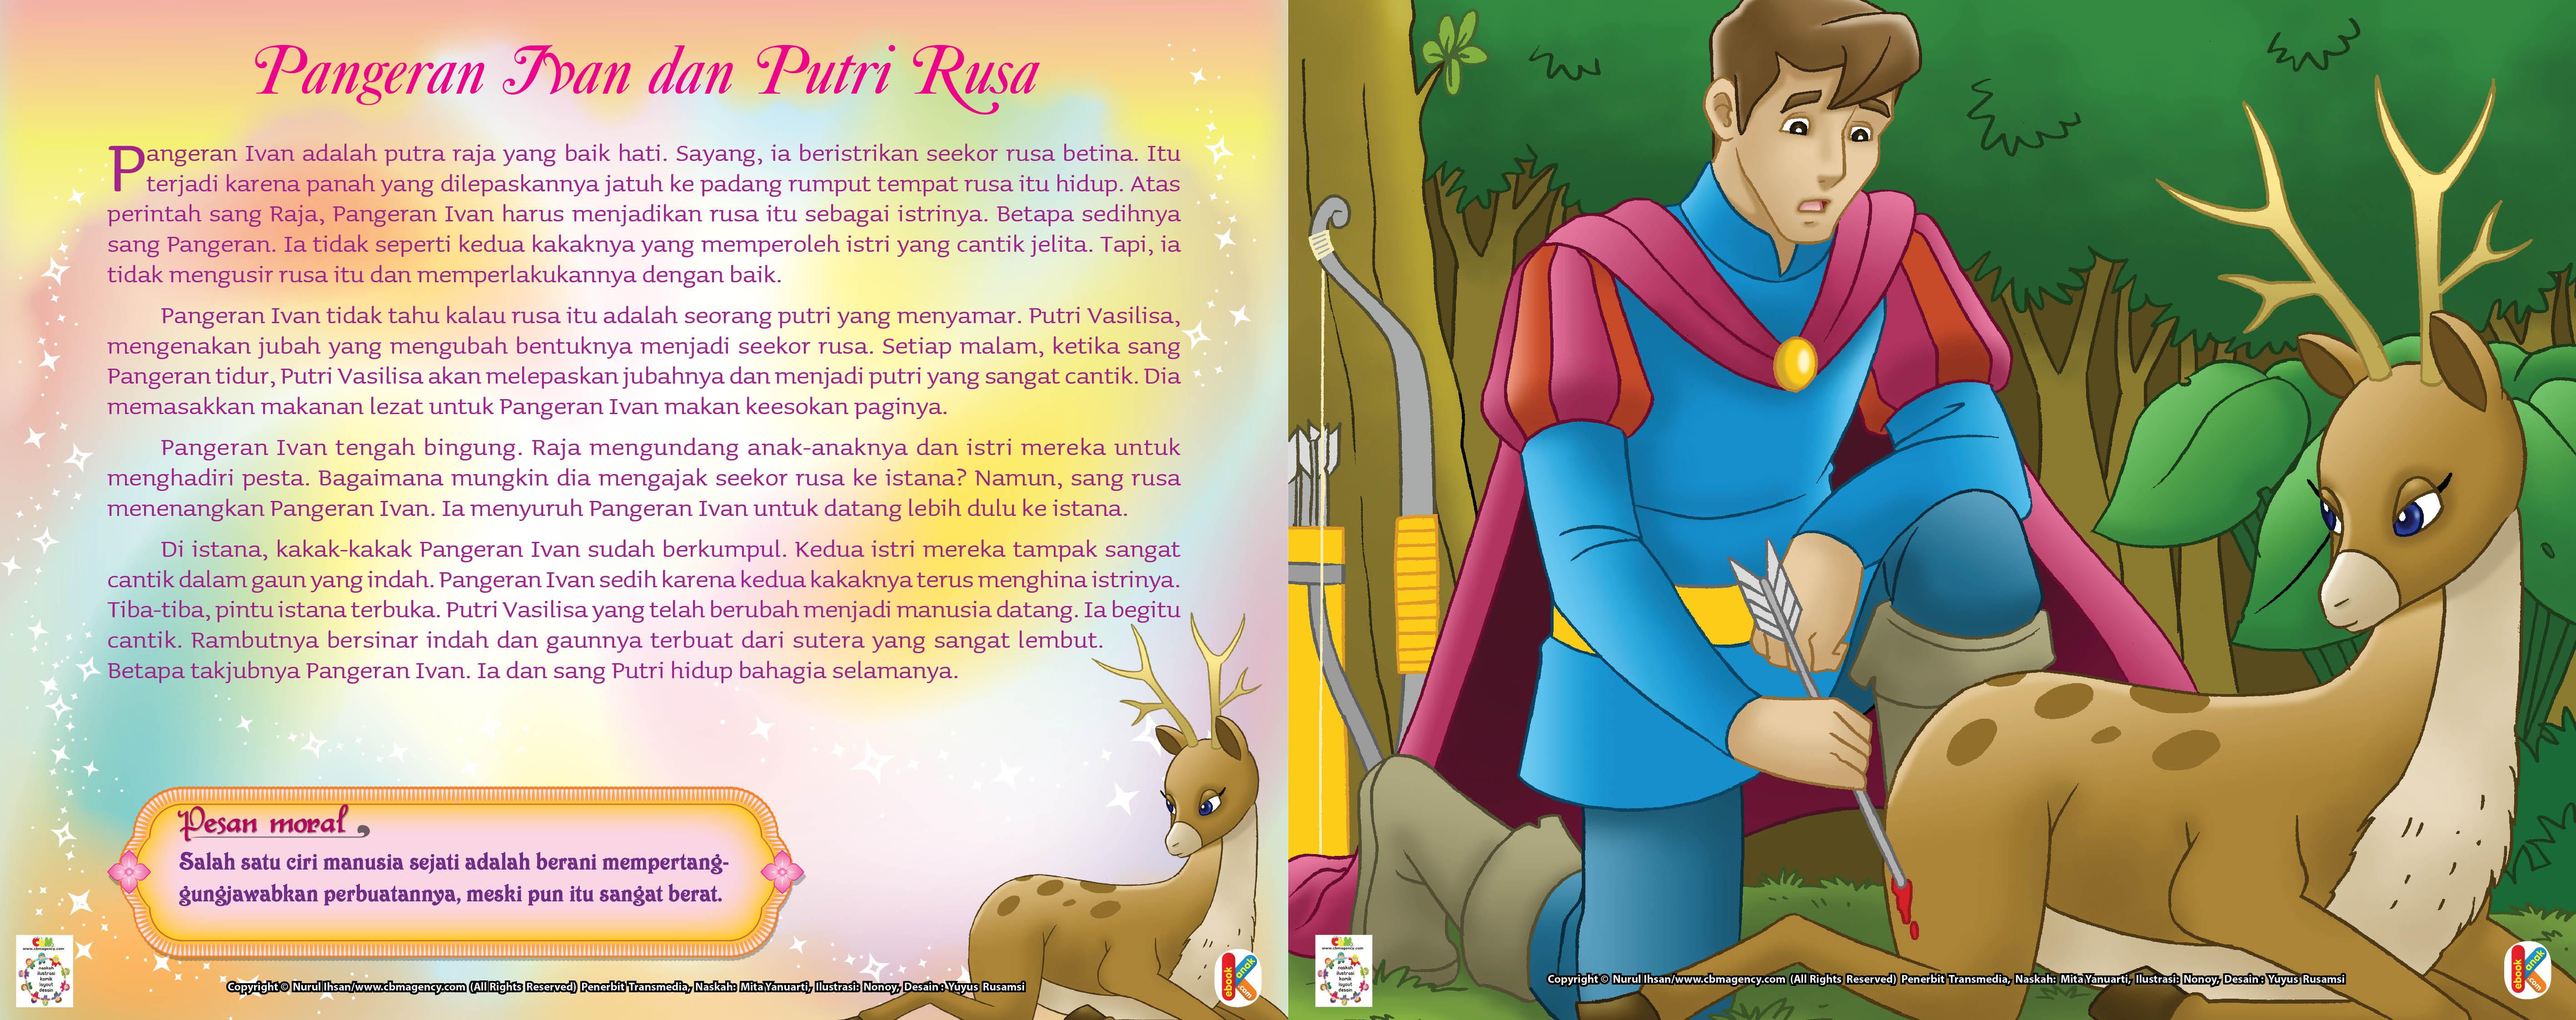 Sayang, Pangeran Ivan beristrikan seekor rusa betina.